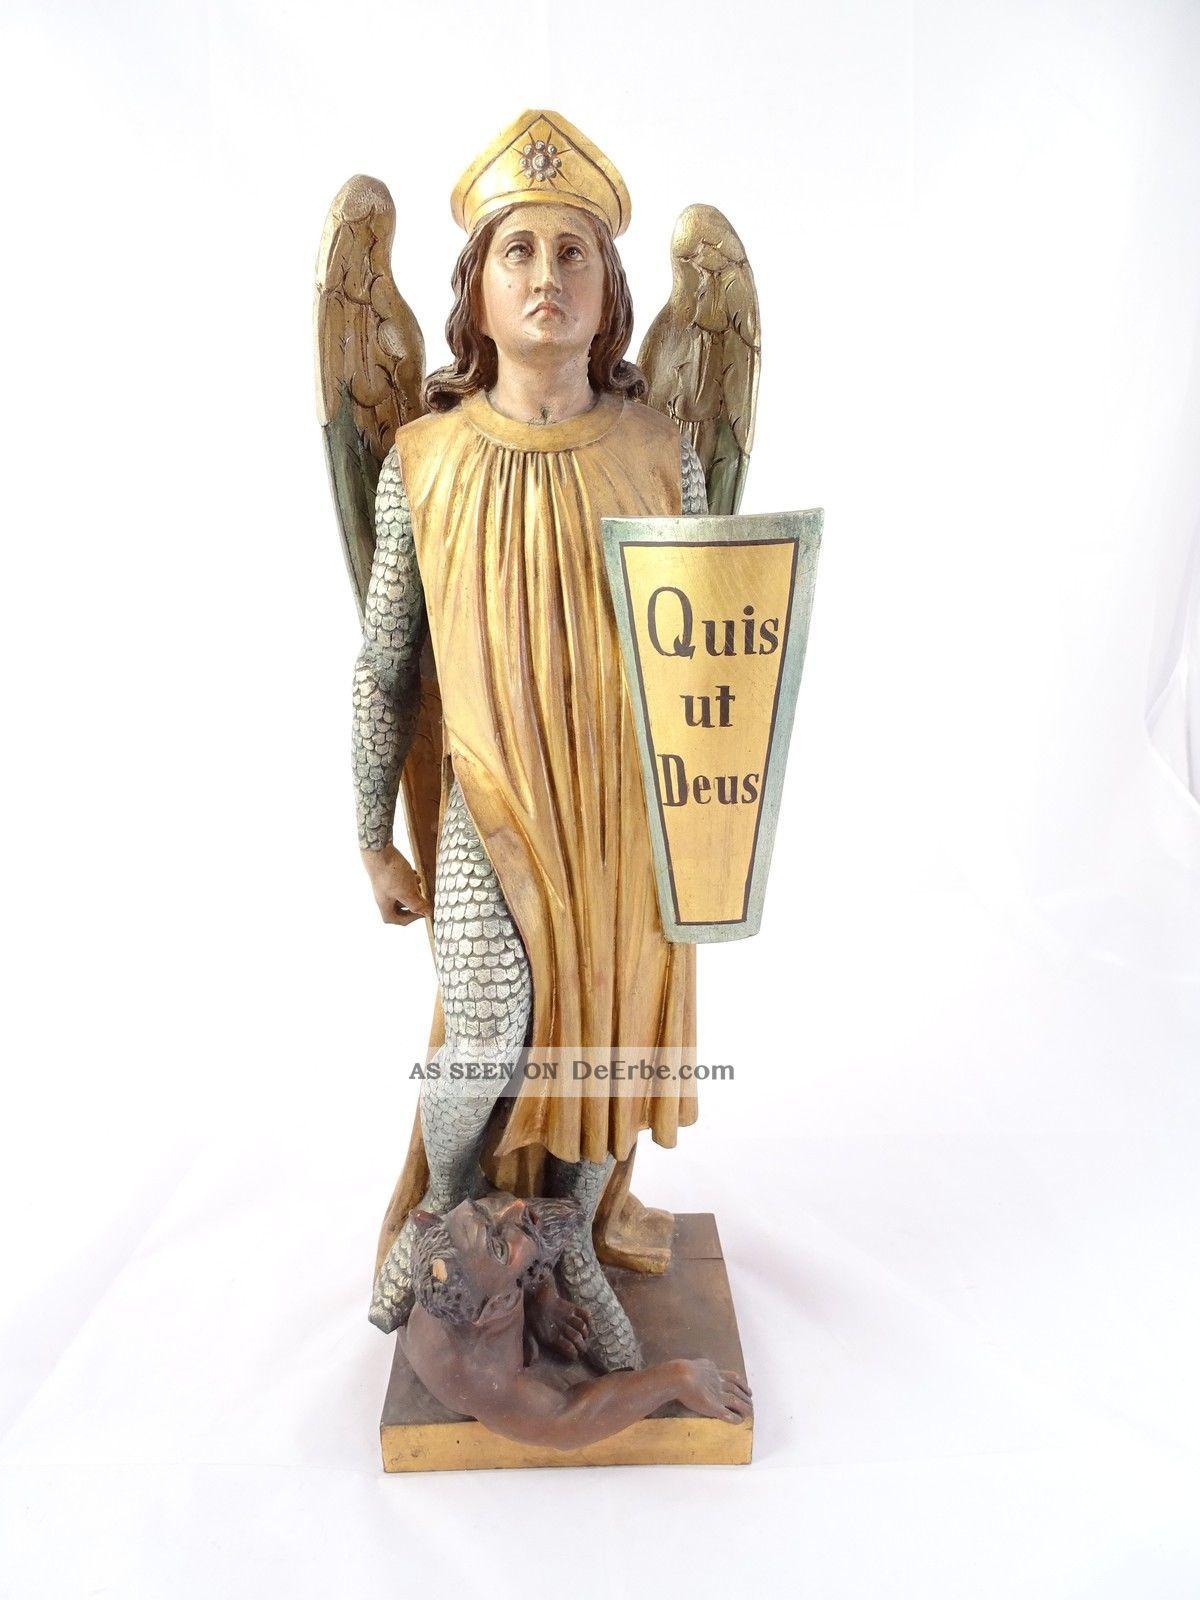 Antike Skulptur Plastik Erzengel Michael - Quis Ut Deus Holz Handarbeit Rarität Skulpturen & Kruzifixe Bild